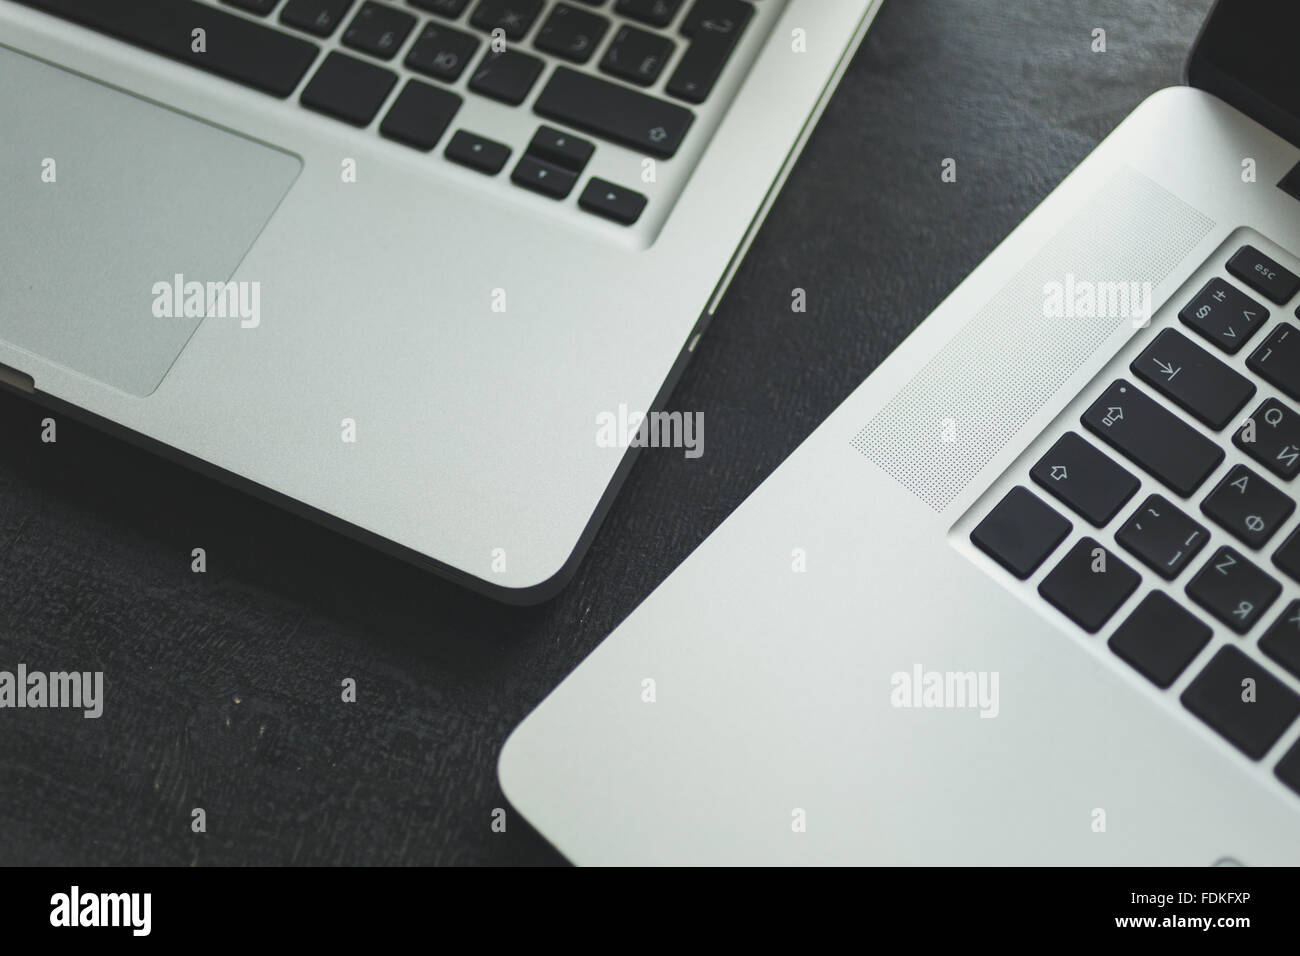 Zwei Laptops auf modernen Schreibtisch aus Holz Stockfoto